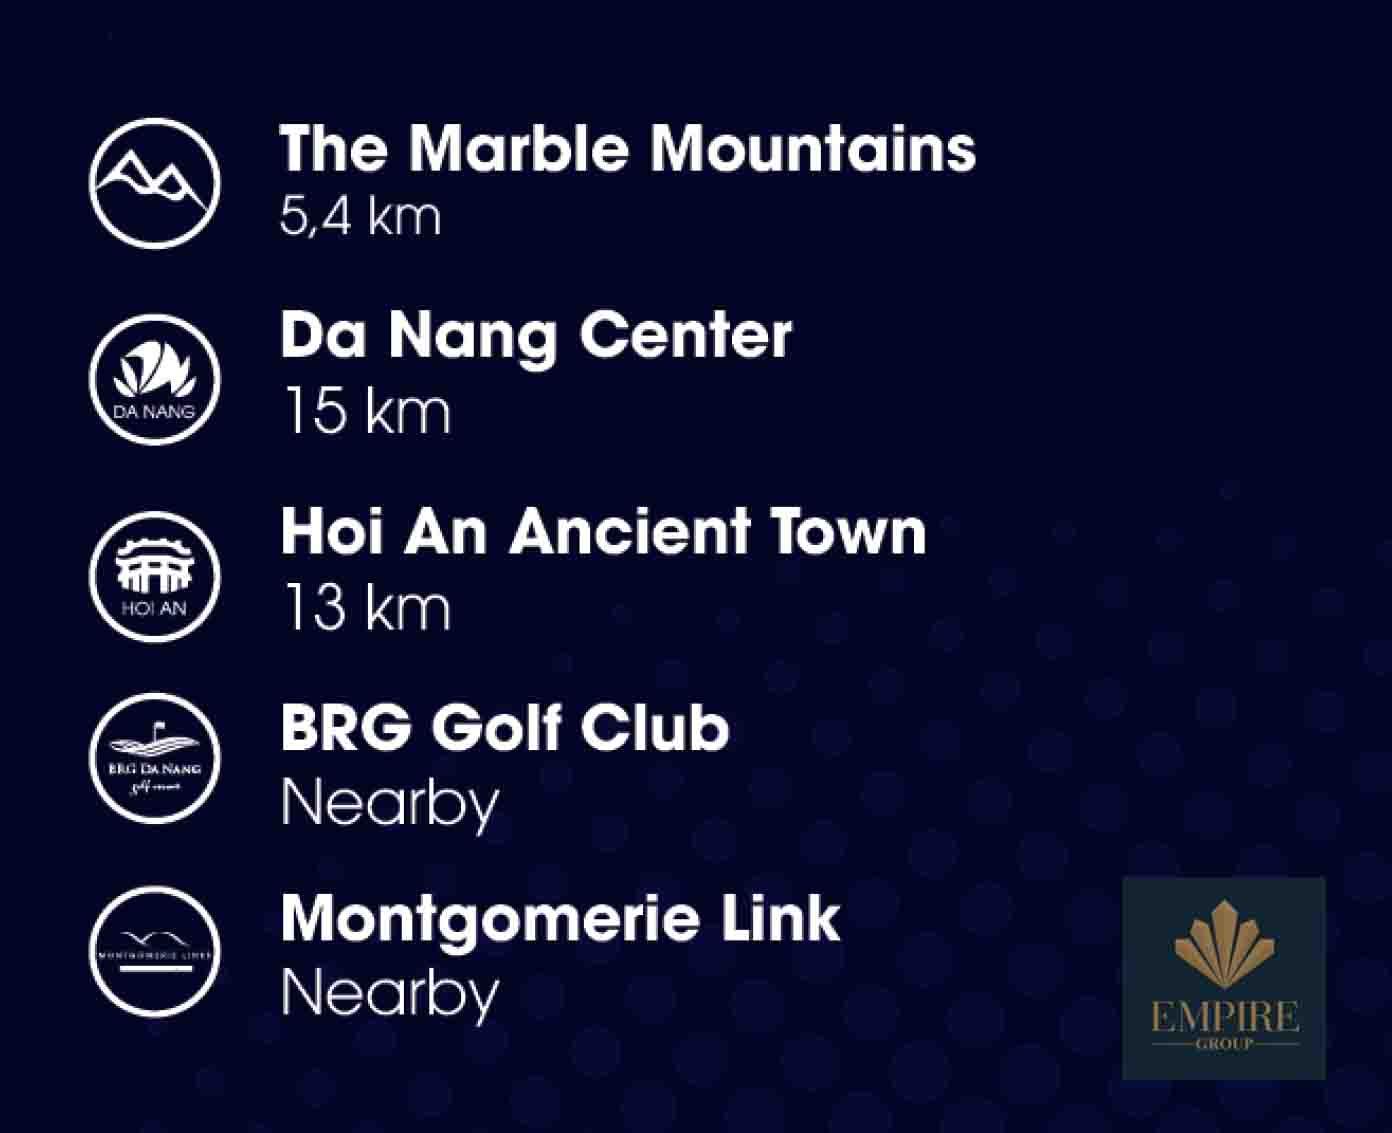 Namanhomes kết nối nhanh chóng những điểm du lịch nổi tiếng hàng đầu Đà Nẵng